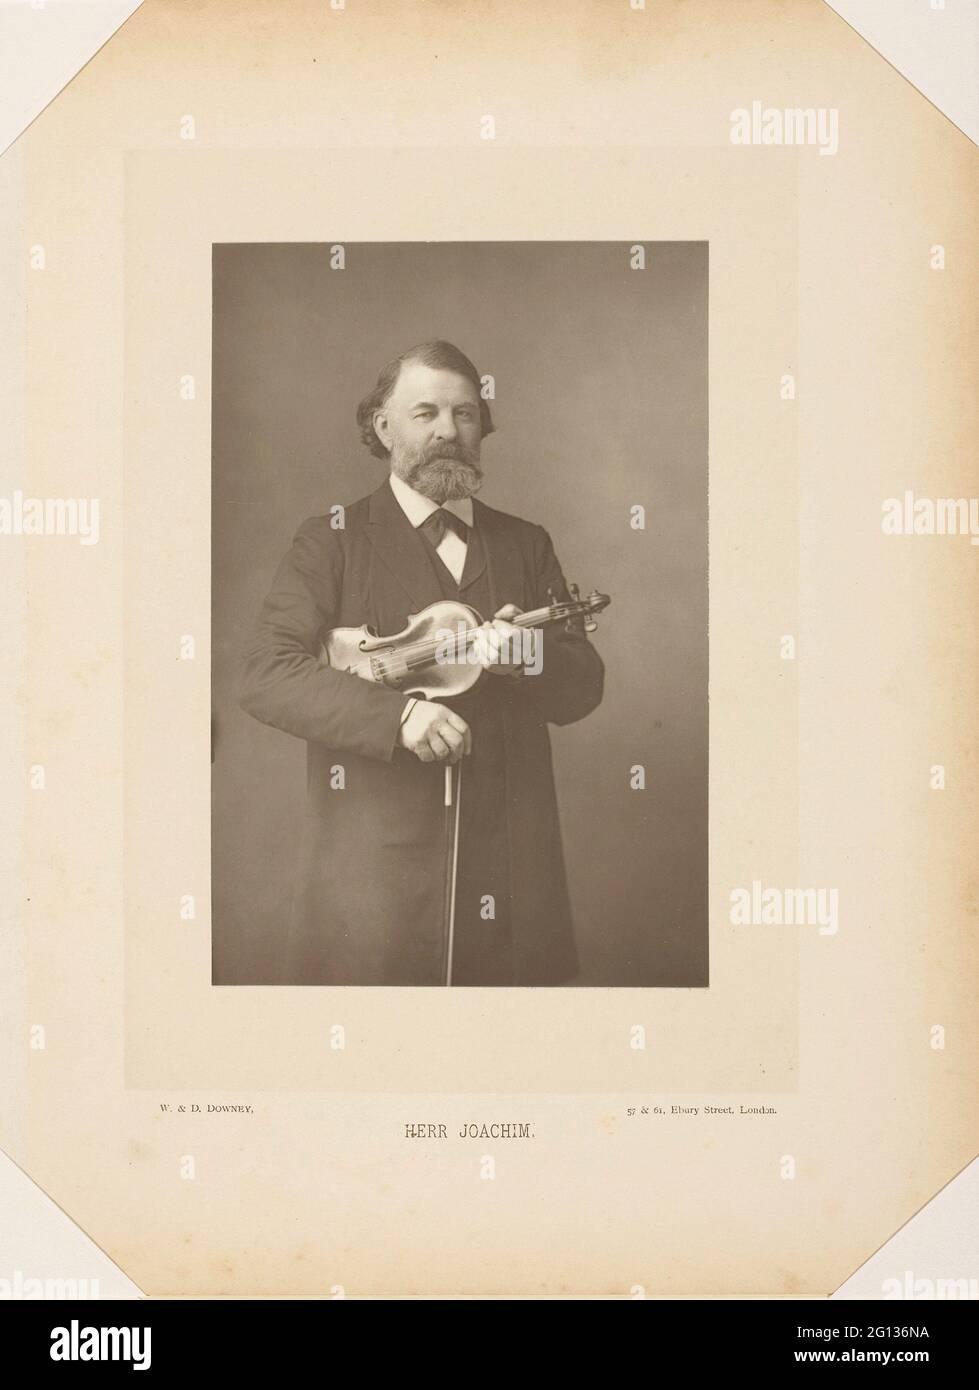 Auteur: W. Downey. Herr Joseph Joachim - 1885 - W. Downey (anglais, c. 1828 - 1908) et D. Downey (anglais, actif 1860 - 1905). Imprimé carbone. Banque D'Images